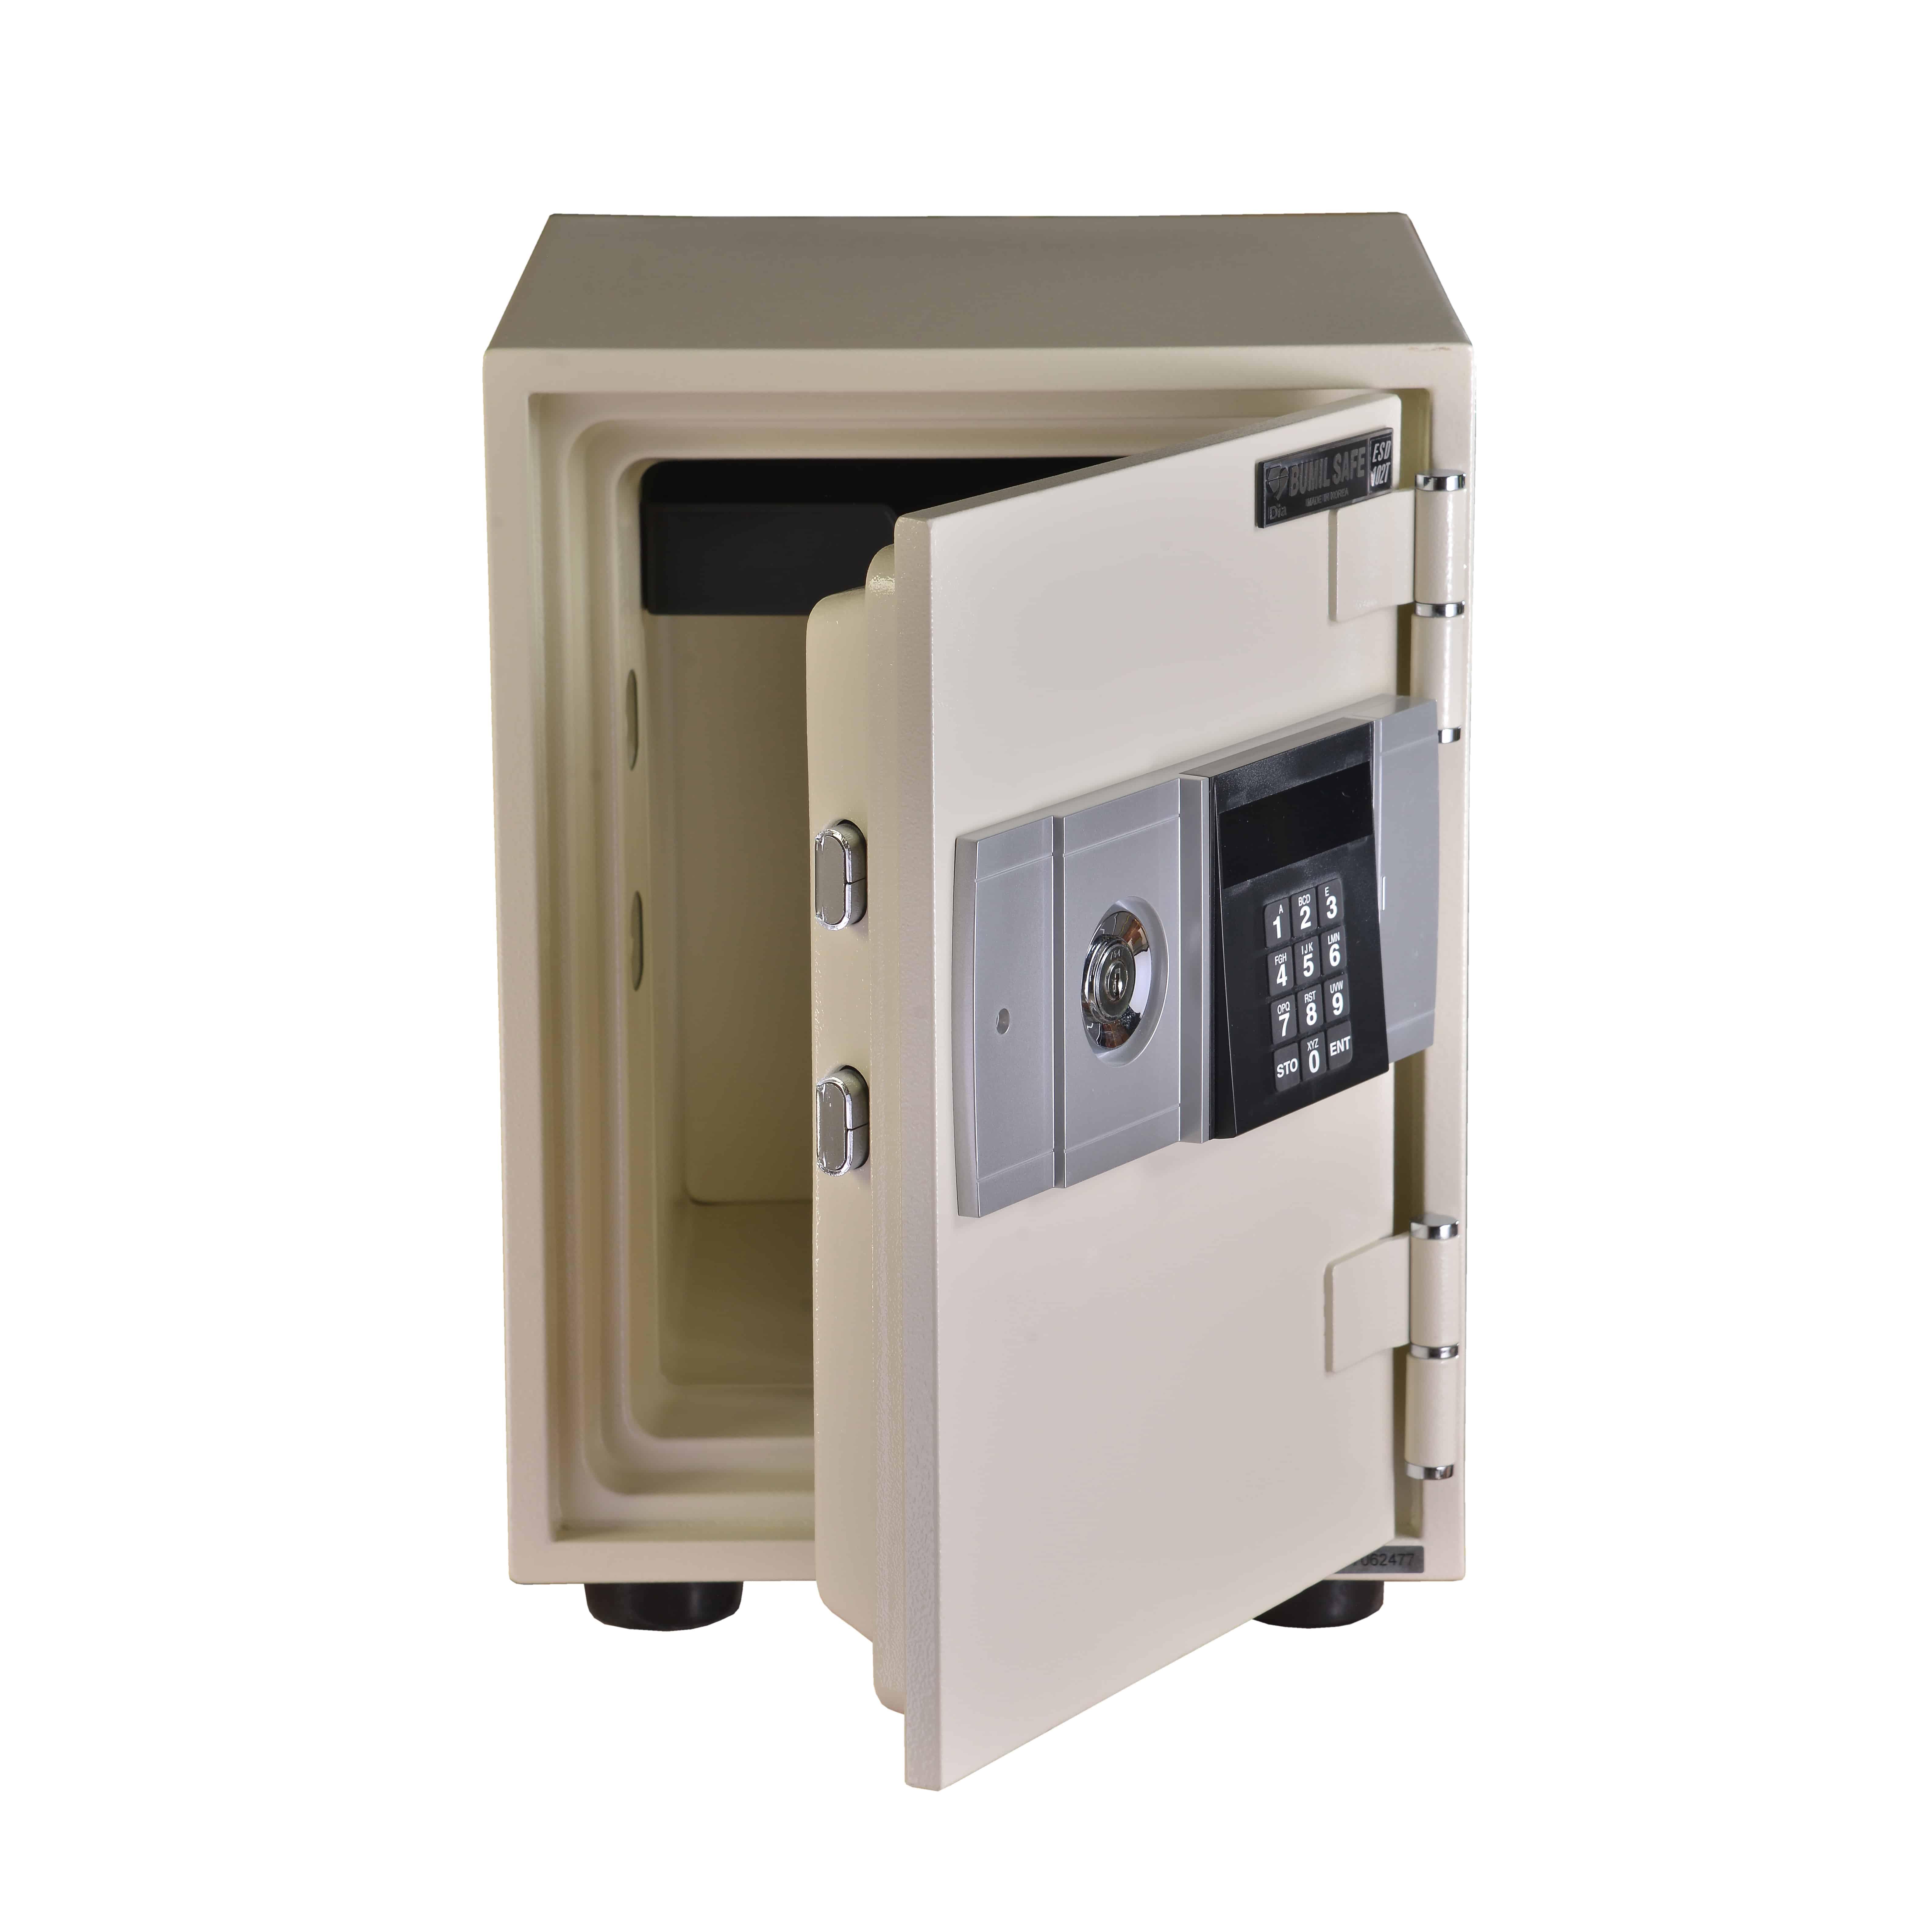 گاوصندوق مدل 102t دیجیتال